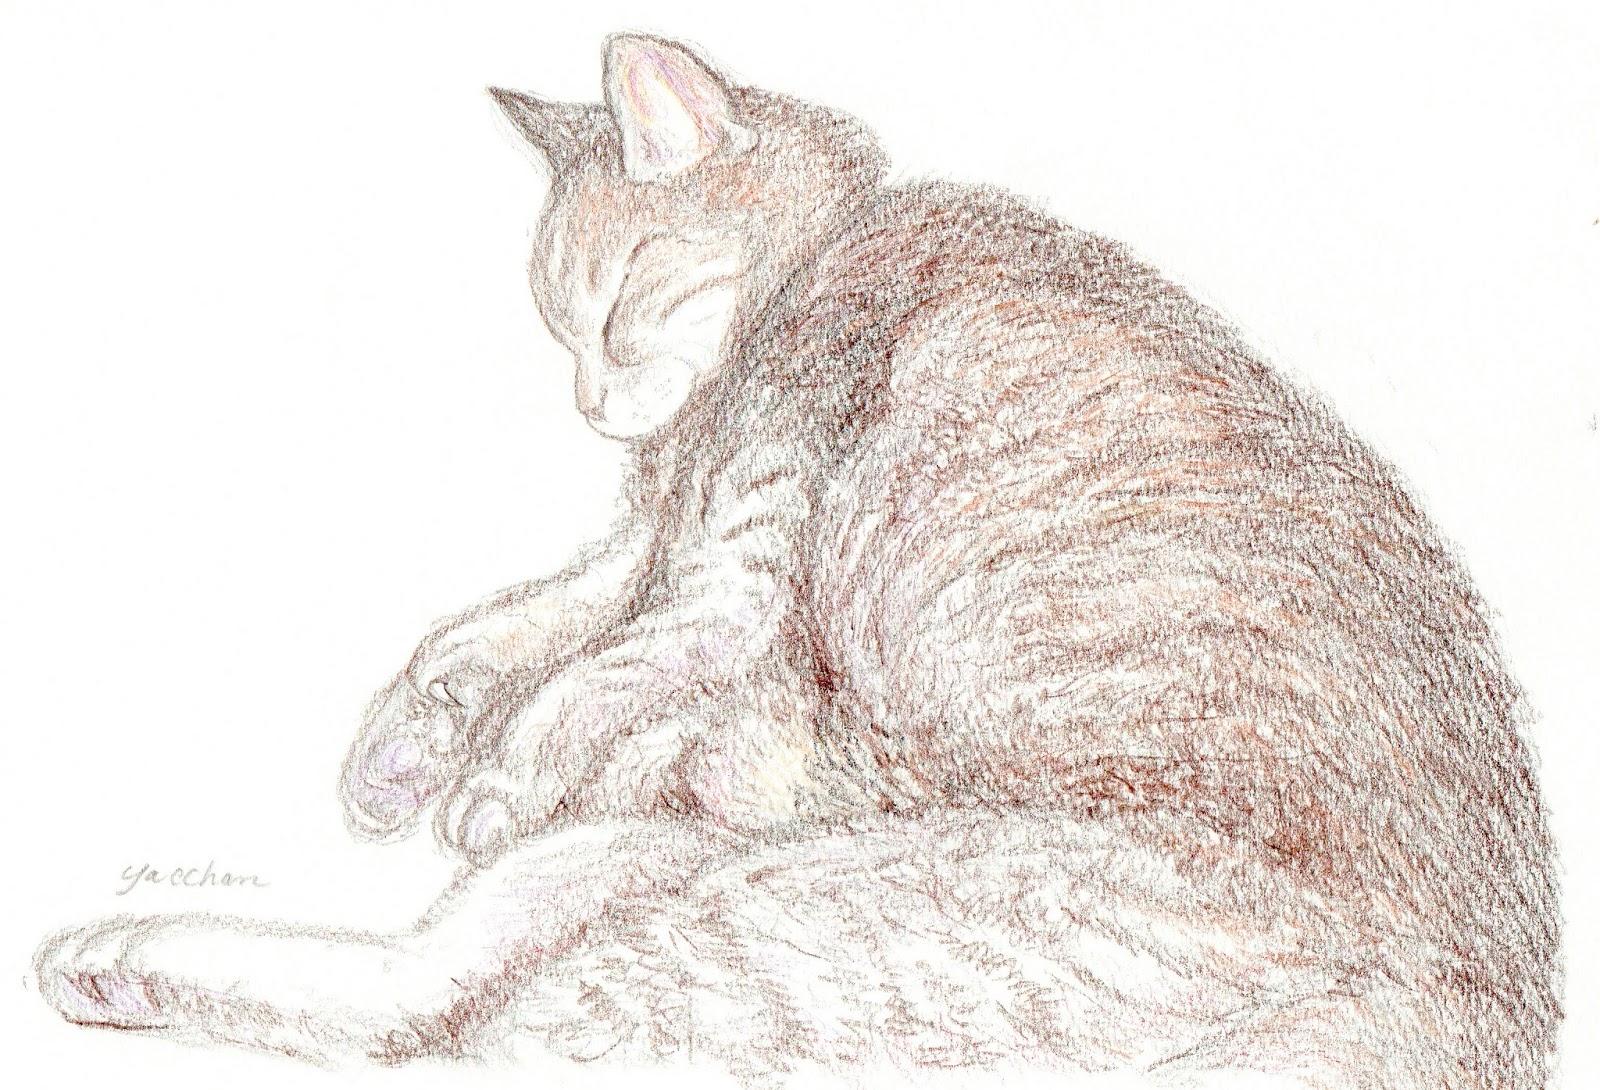 やっちゃんのネコと動物イラスト: リアル画をもうひとつ-「ちび子の寝姿」